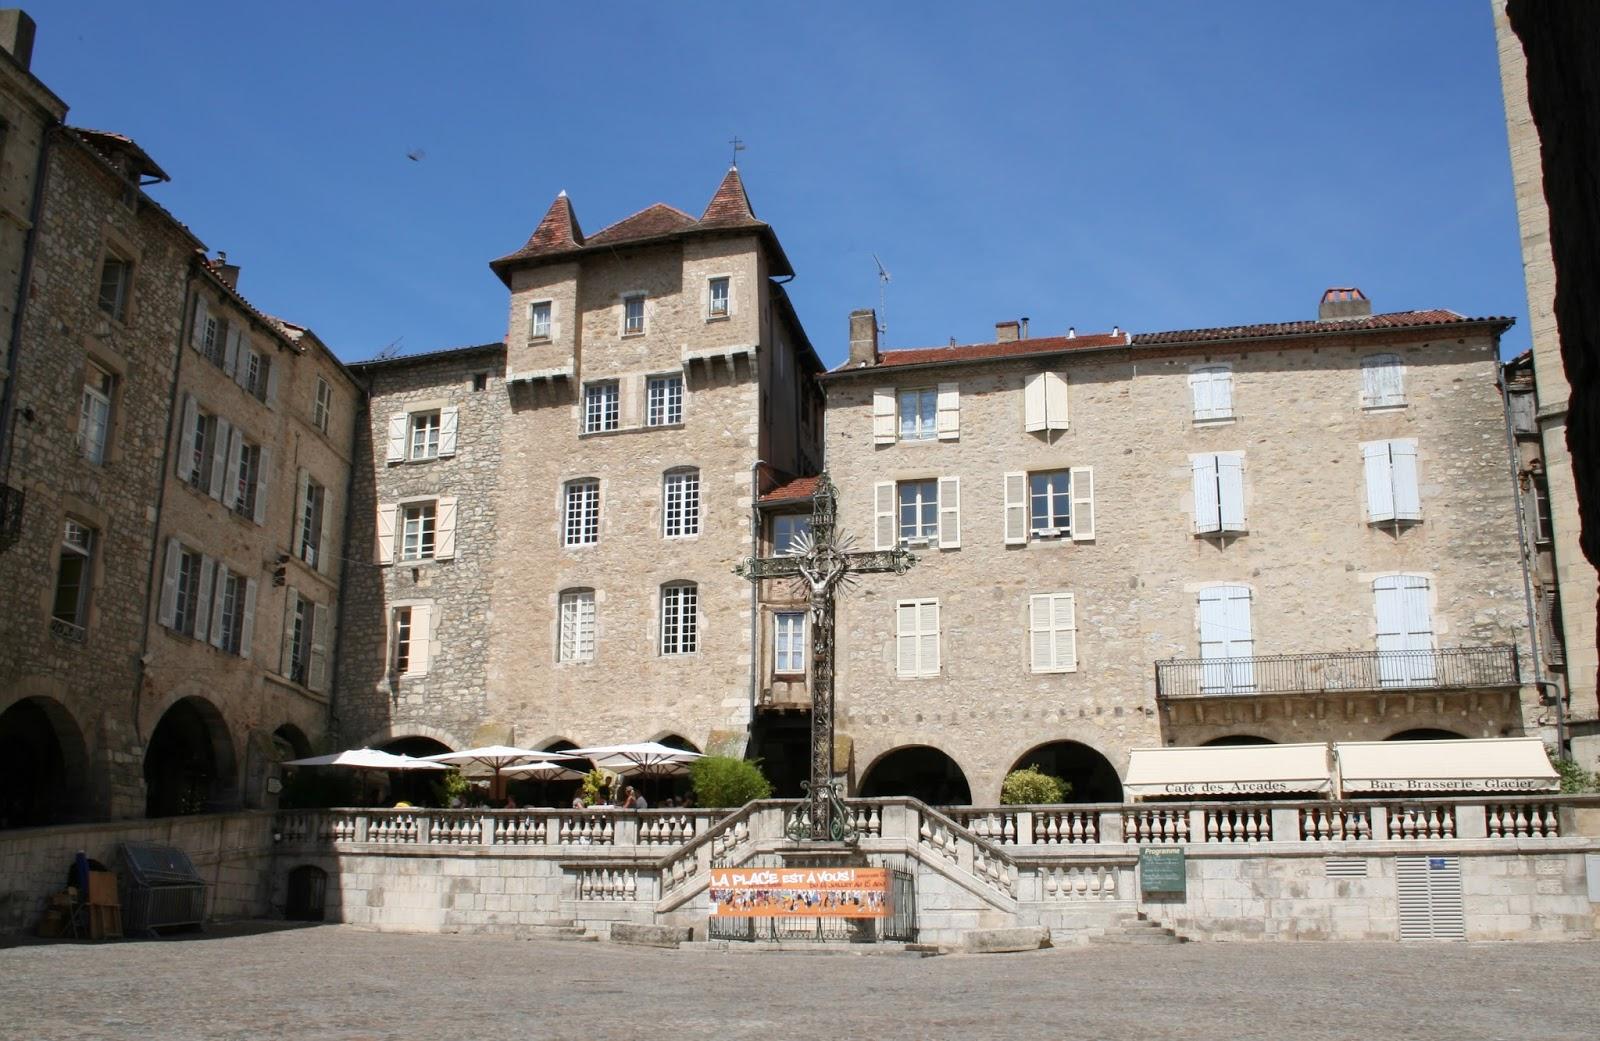 Villefranche de rouergue pays d 39 oc - Office de tourisme villefranche de rouergue ...